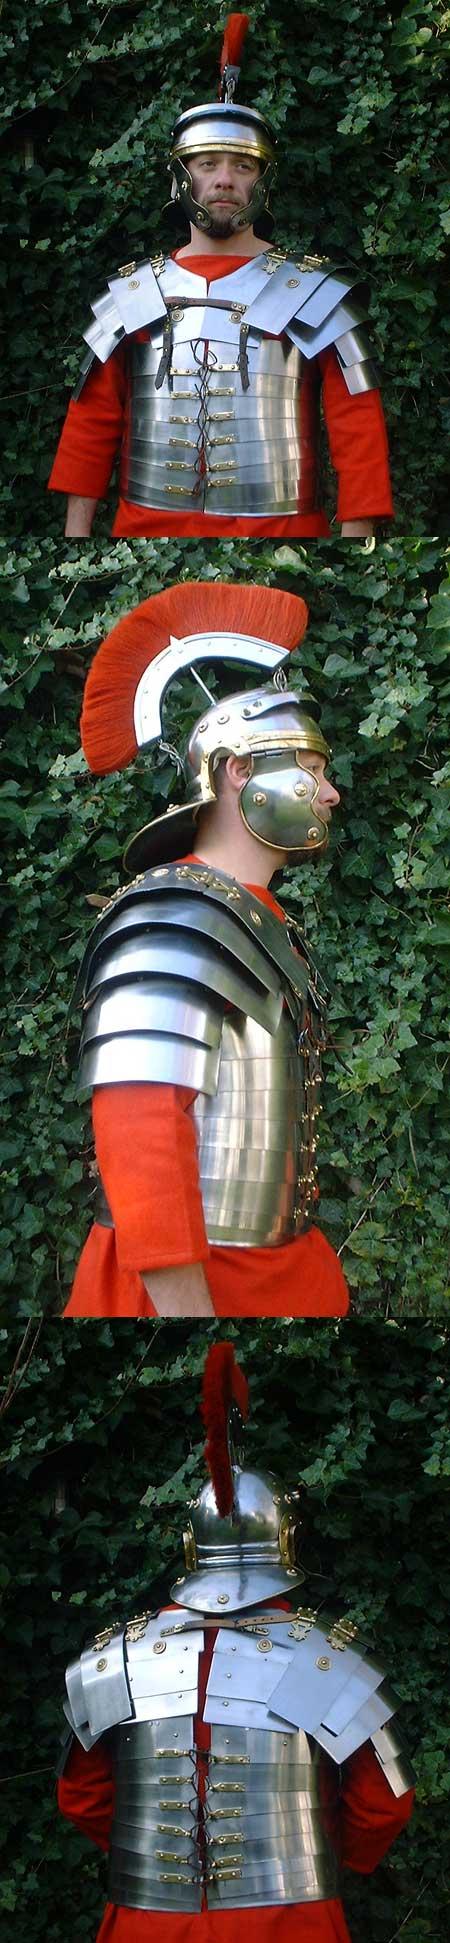 Rüstung der Römer, lorica segmentata, T. Corbridge